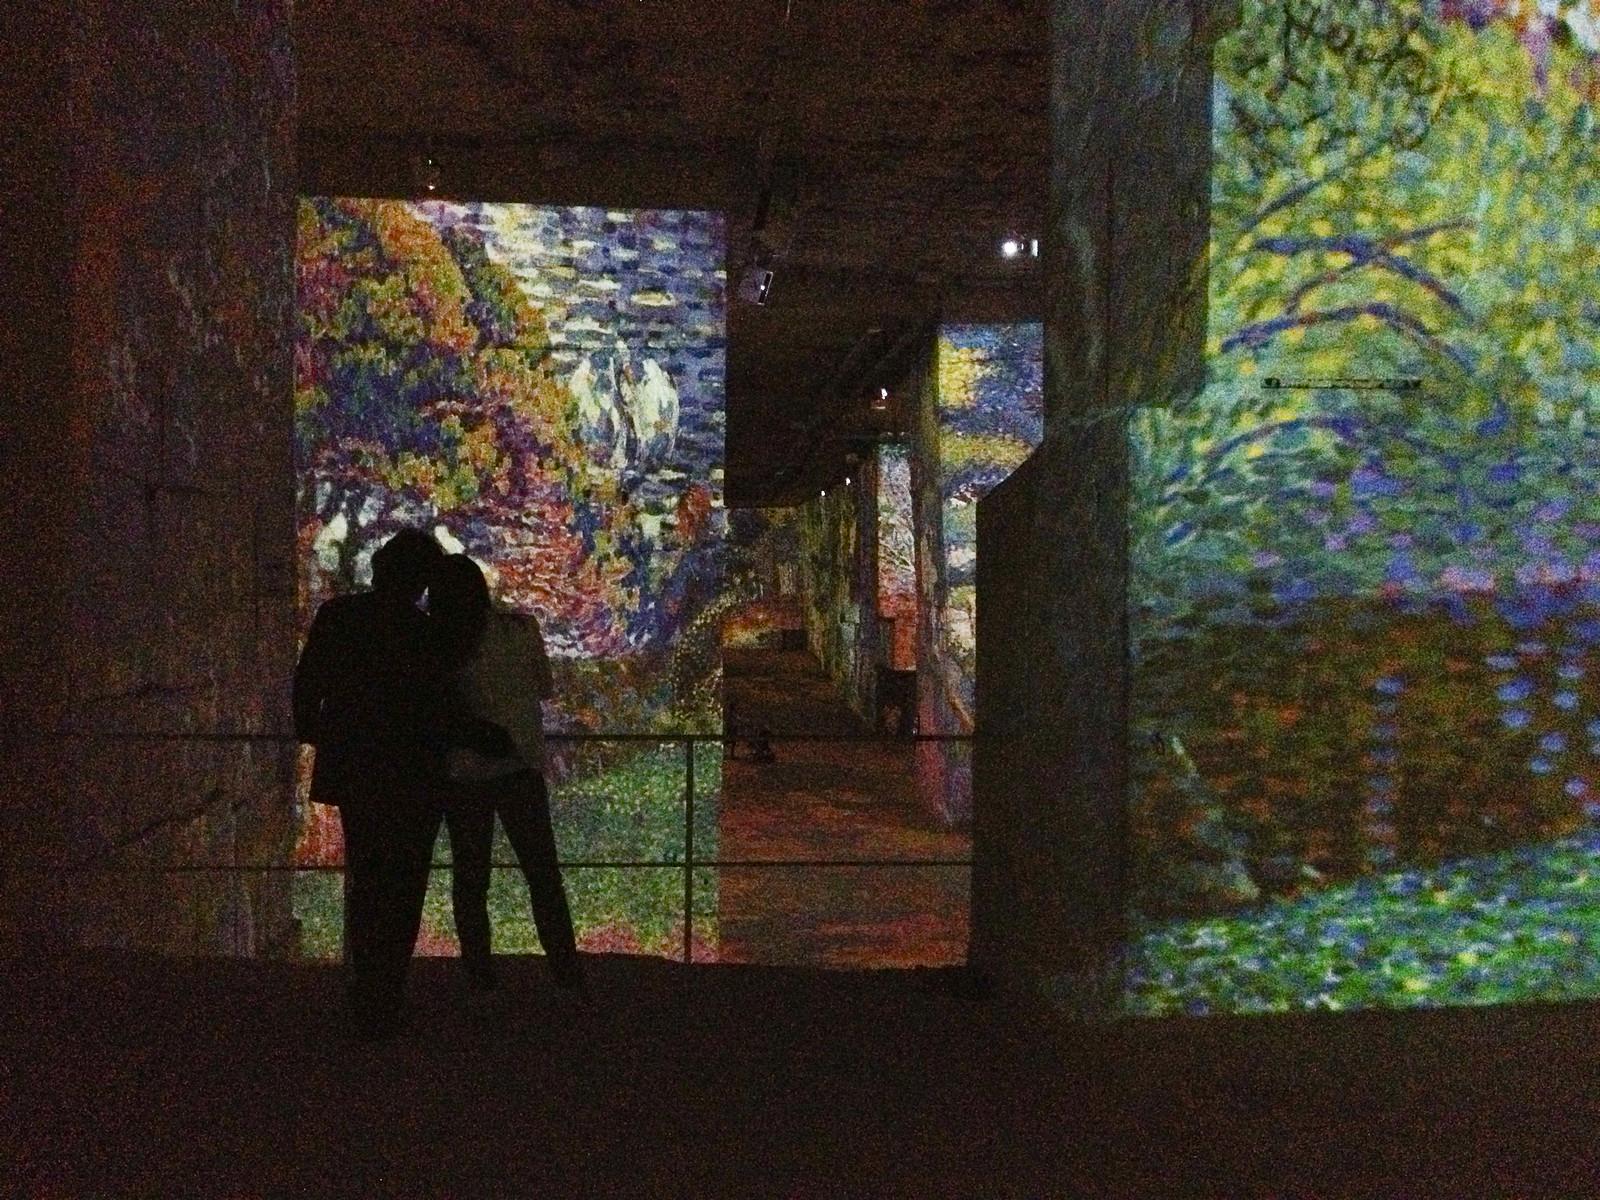 Les Baux de Provence - Carrières de lumière